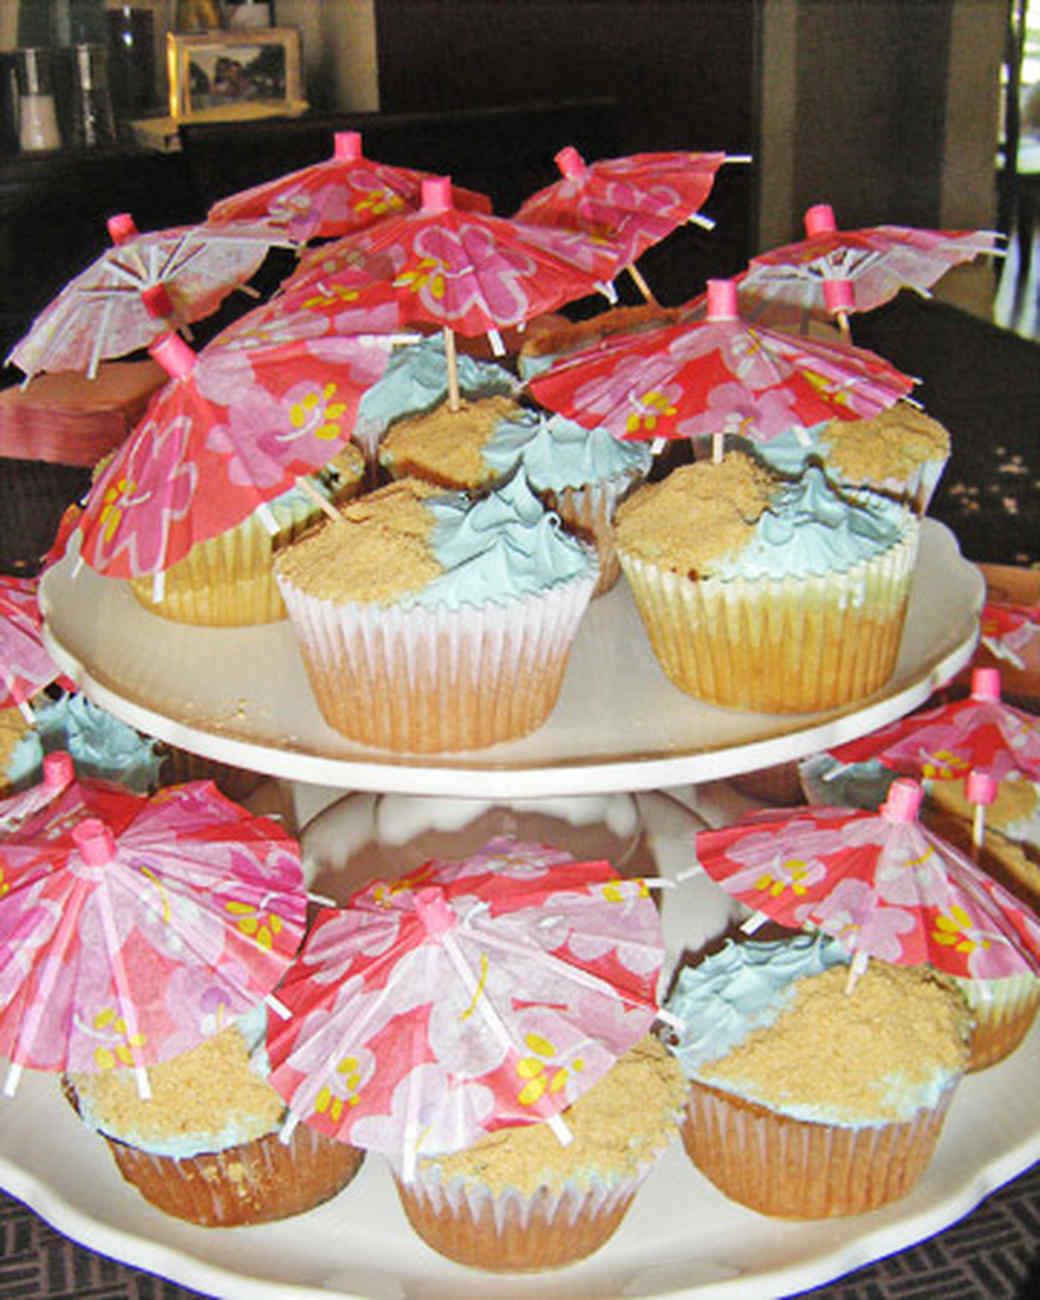 cupcakes_ori53118.jpg